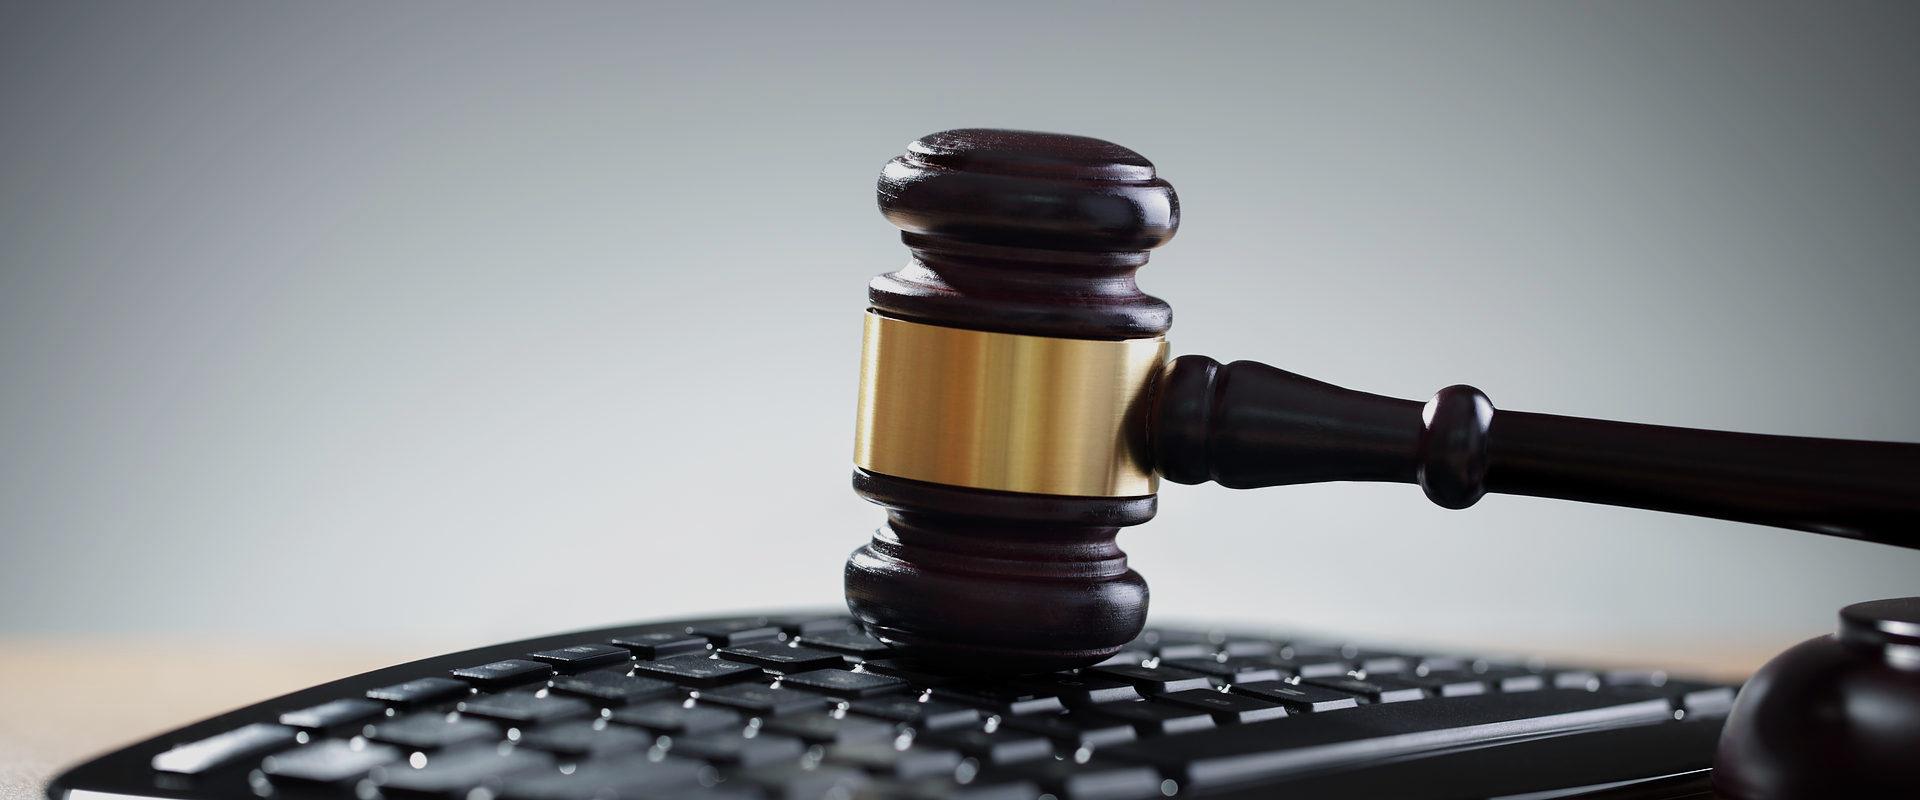 Nueva Regulación Europea de Protección de Datos (GDPR)